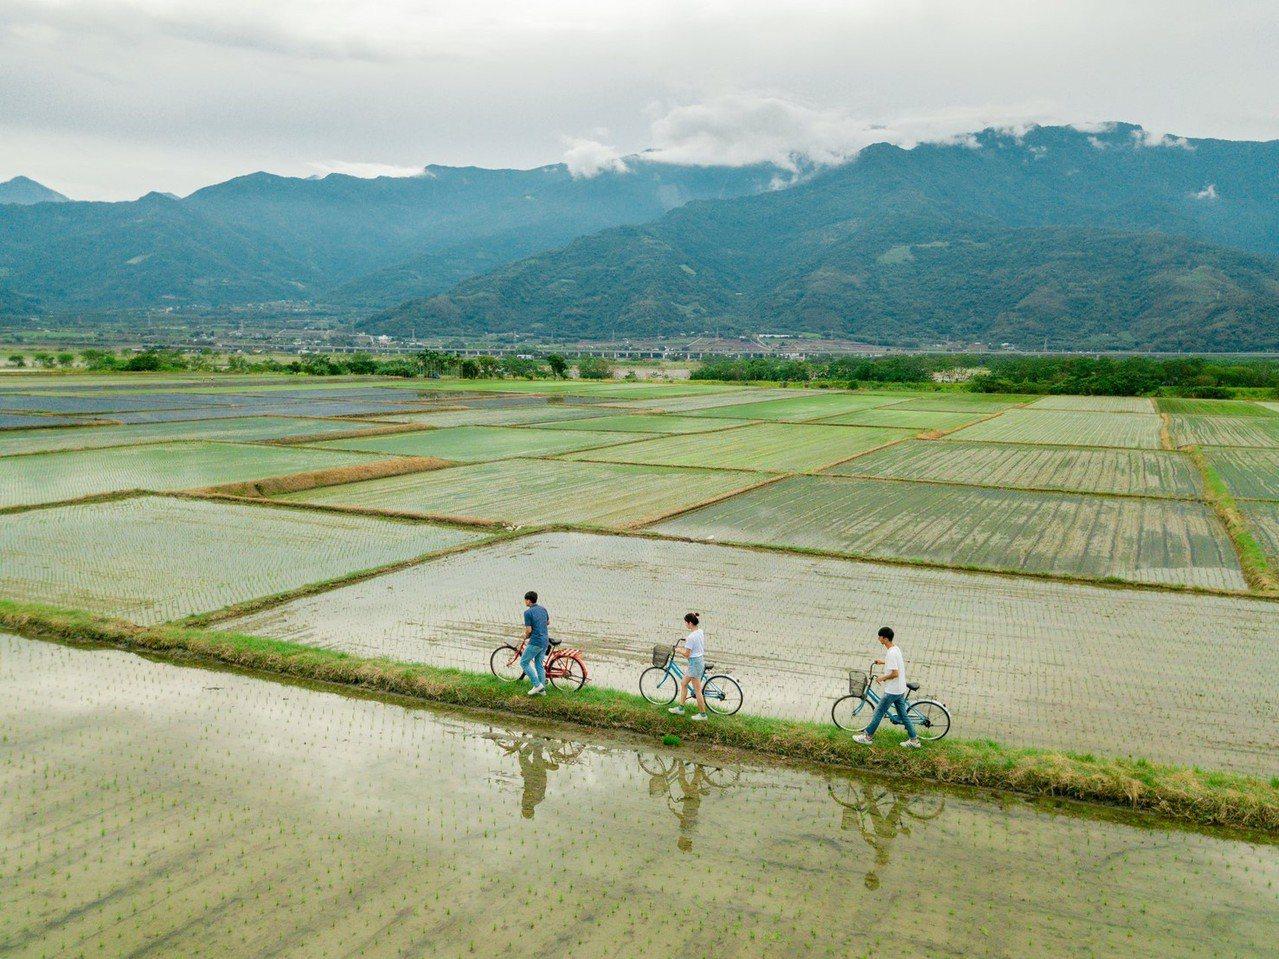 參與民眾可享受花東縱谷山海間稻田美景。圖/花東縱管處提供